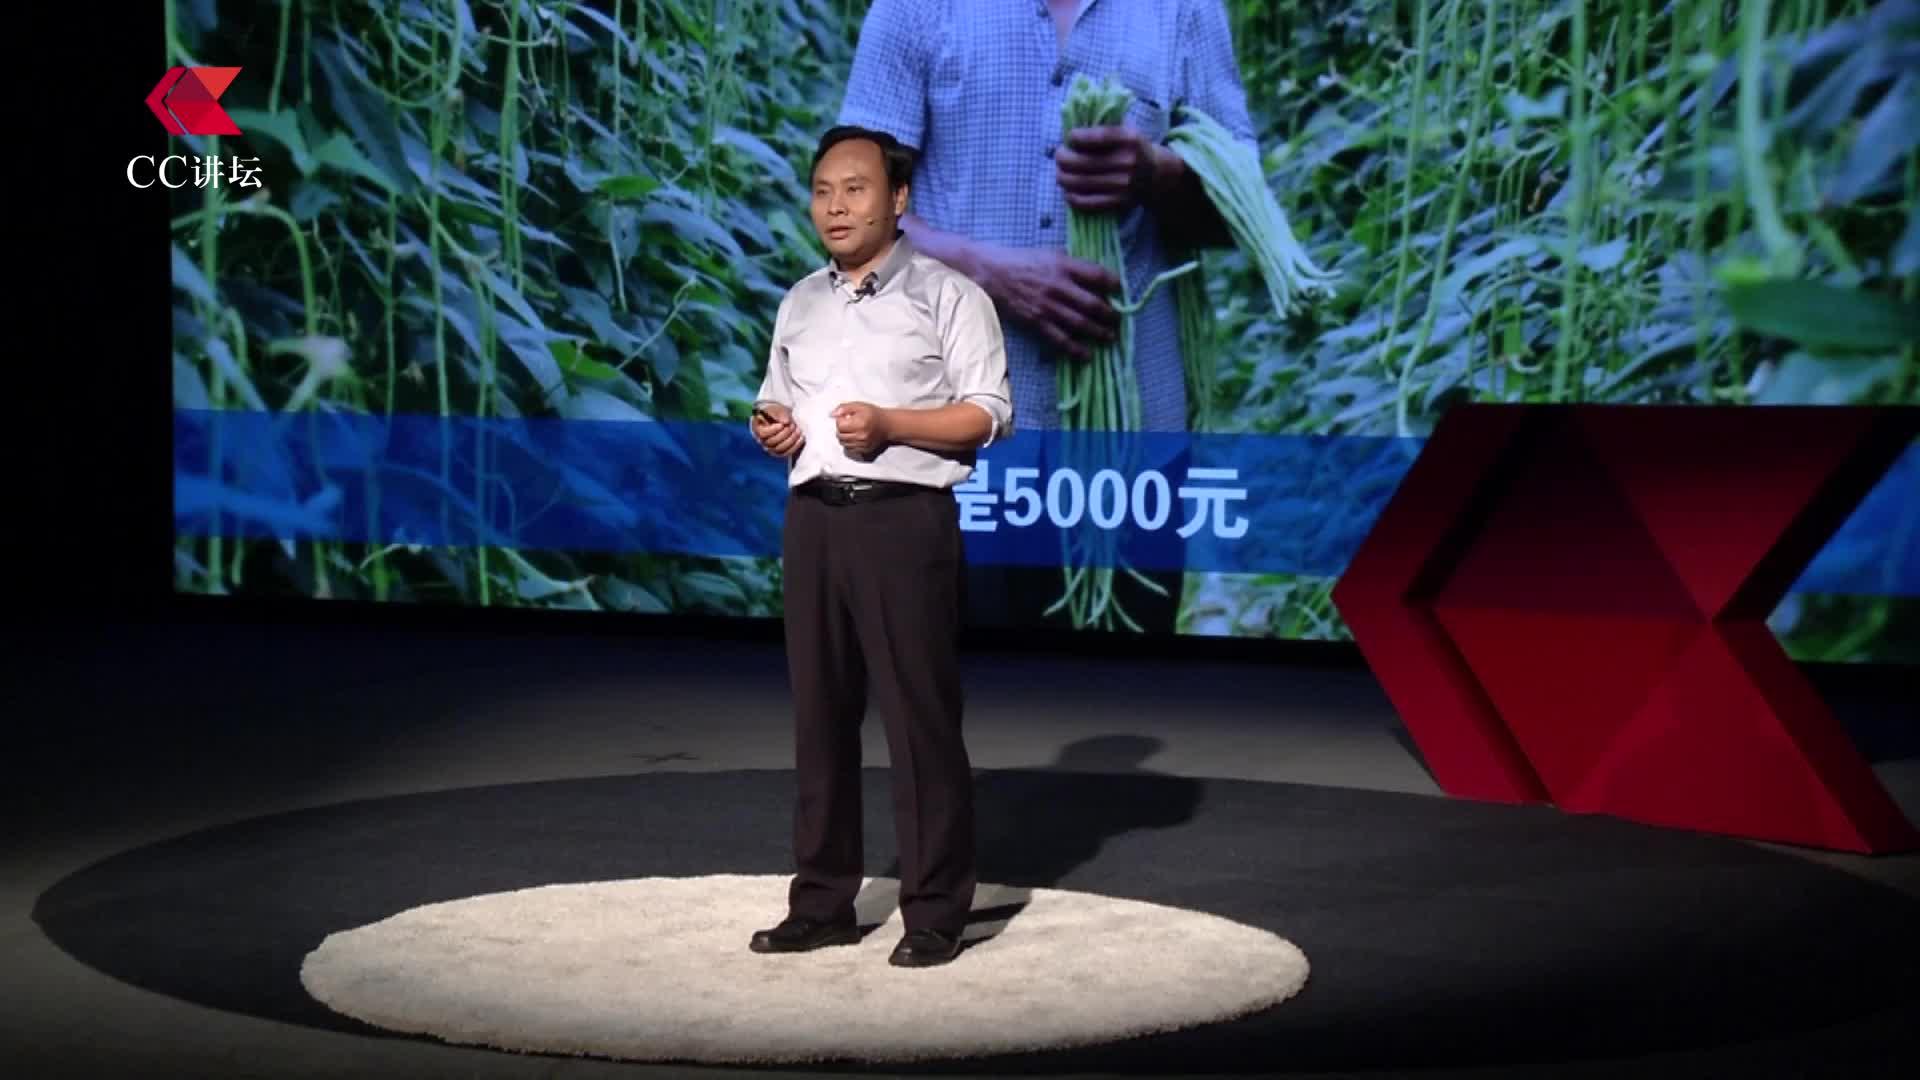 CC讲坛(公益)—王行最:金融扶贫 穷人有信